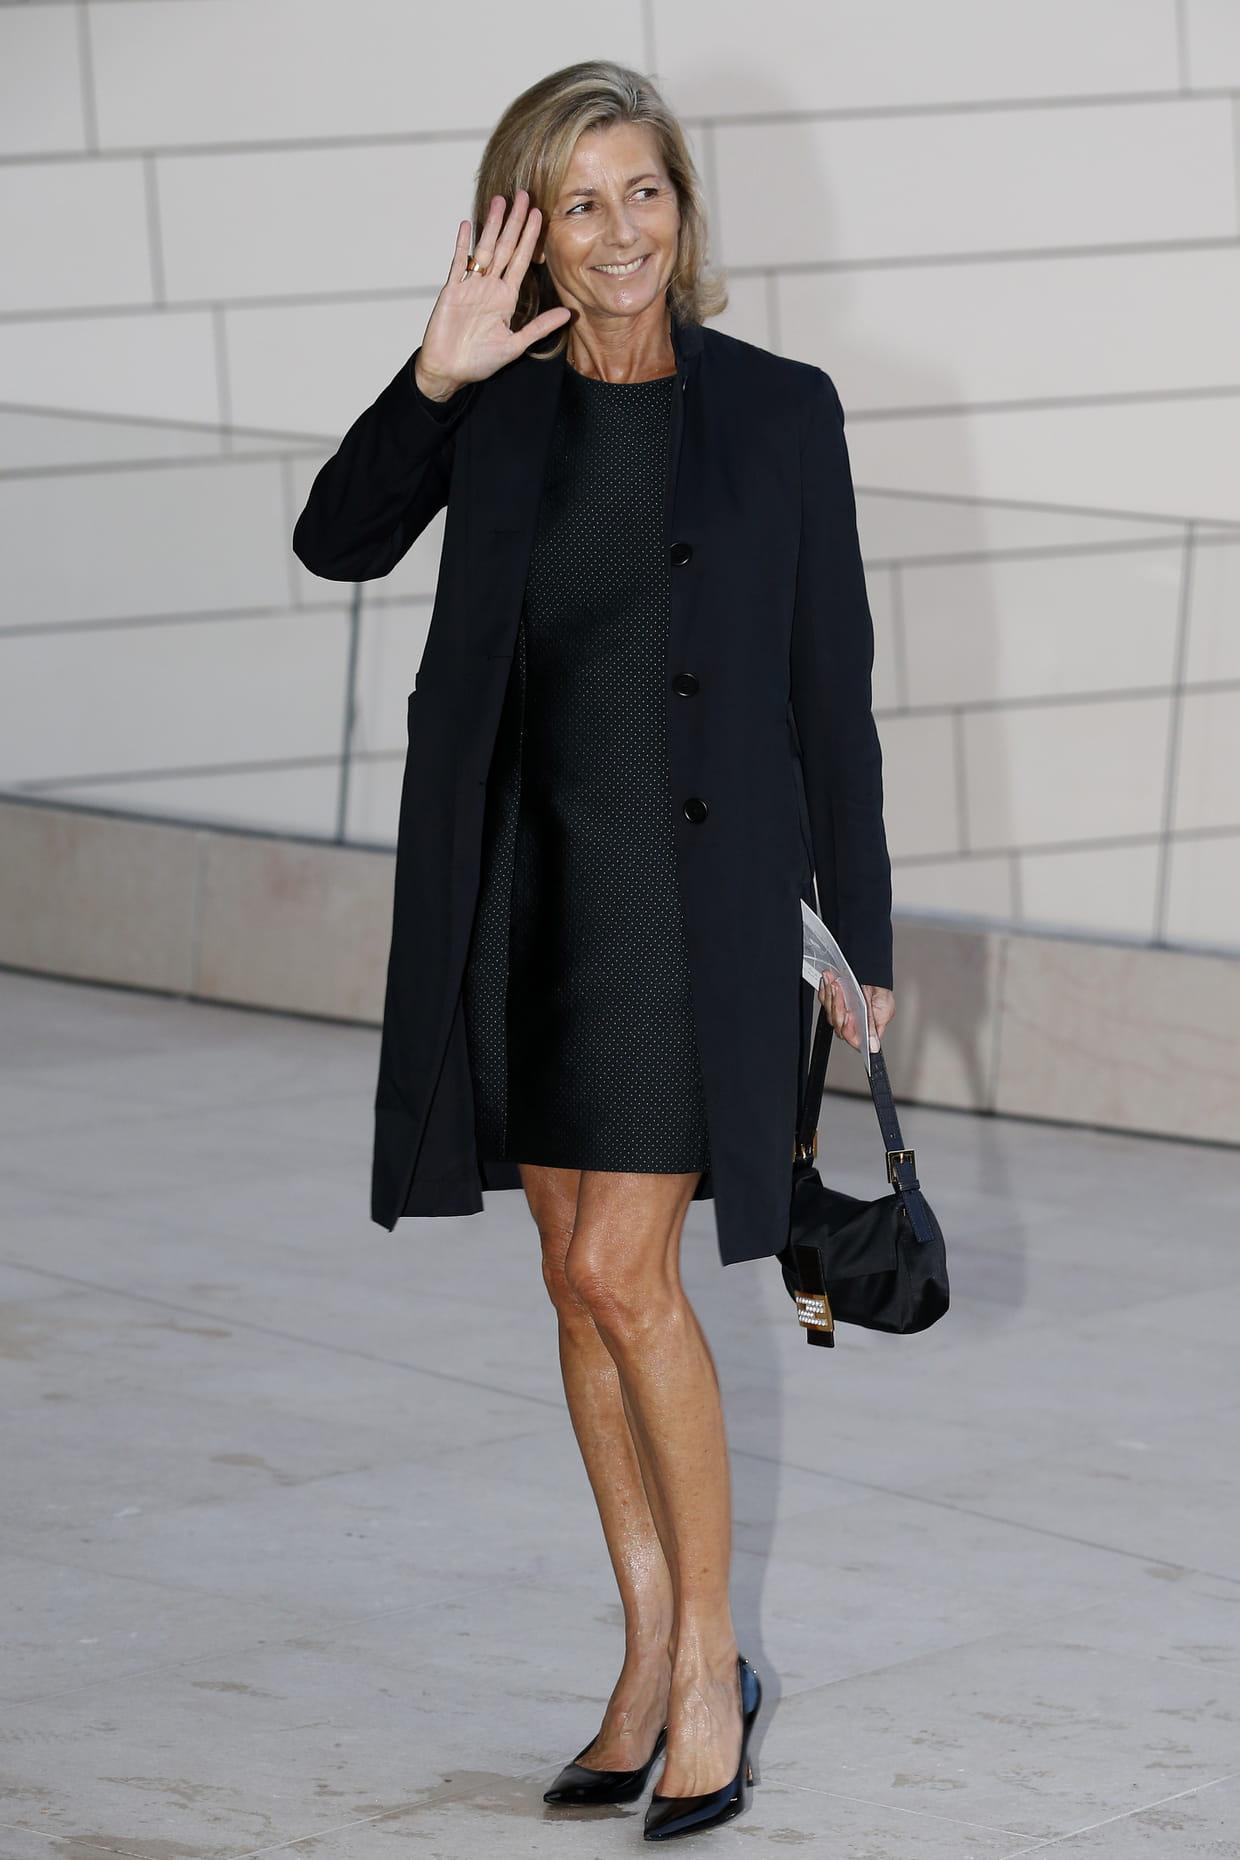 claire chazal en petite robe noire